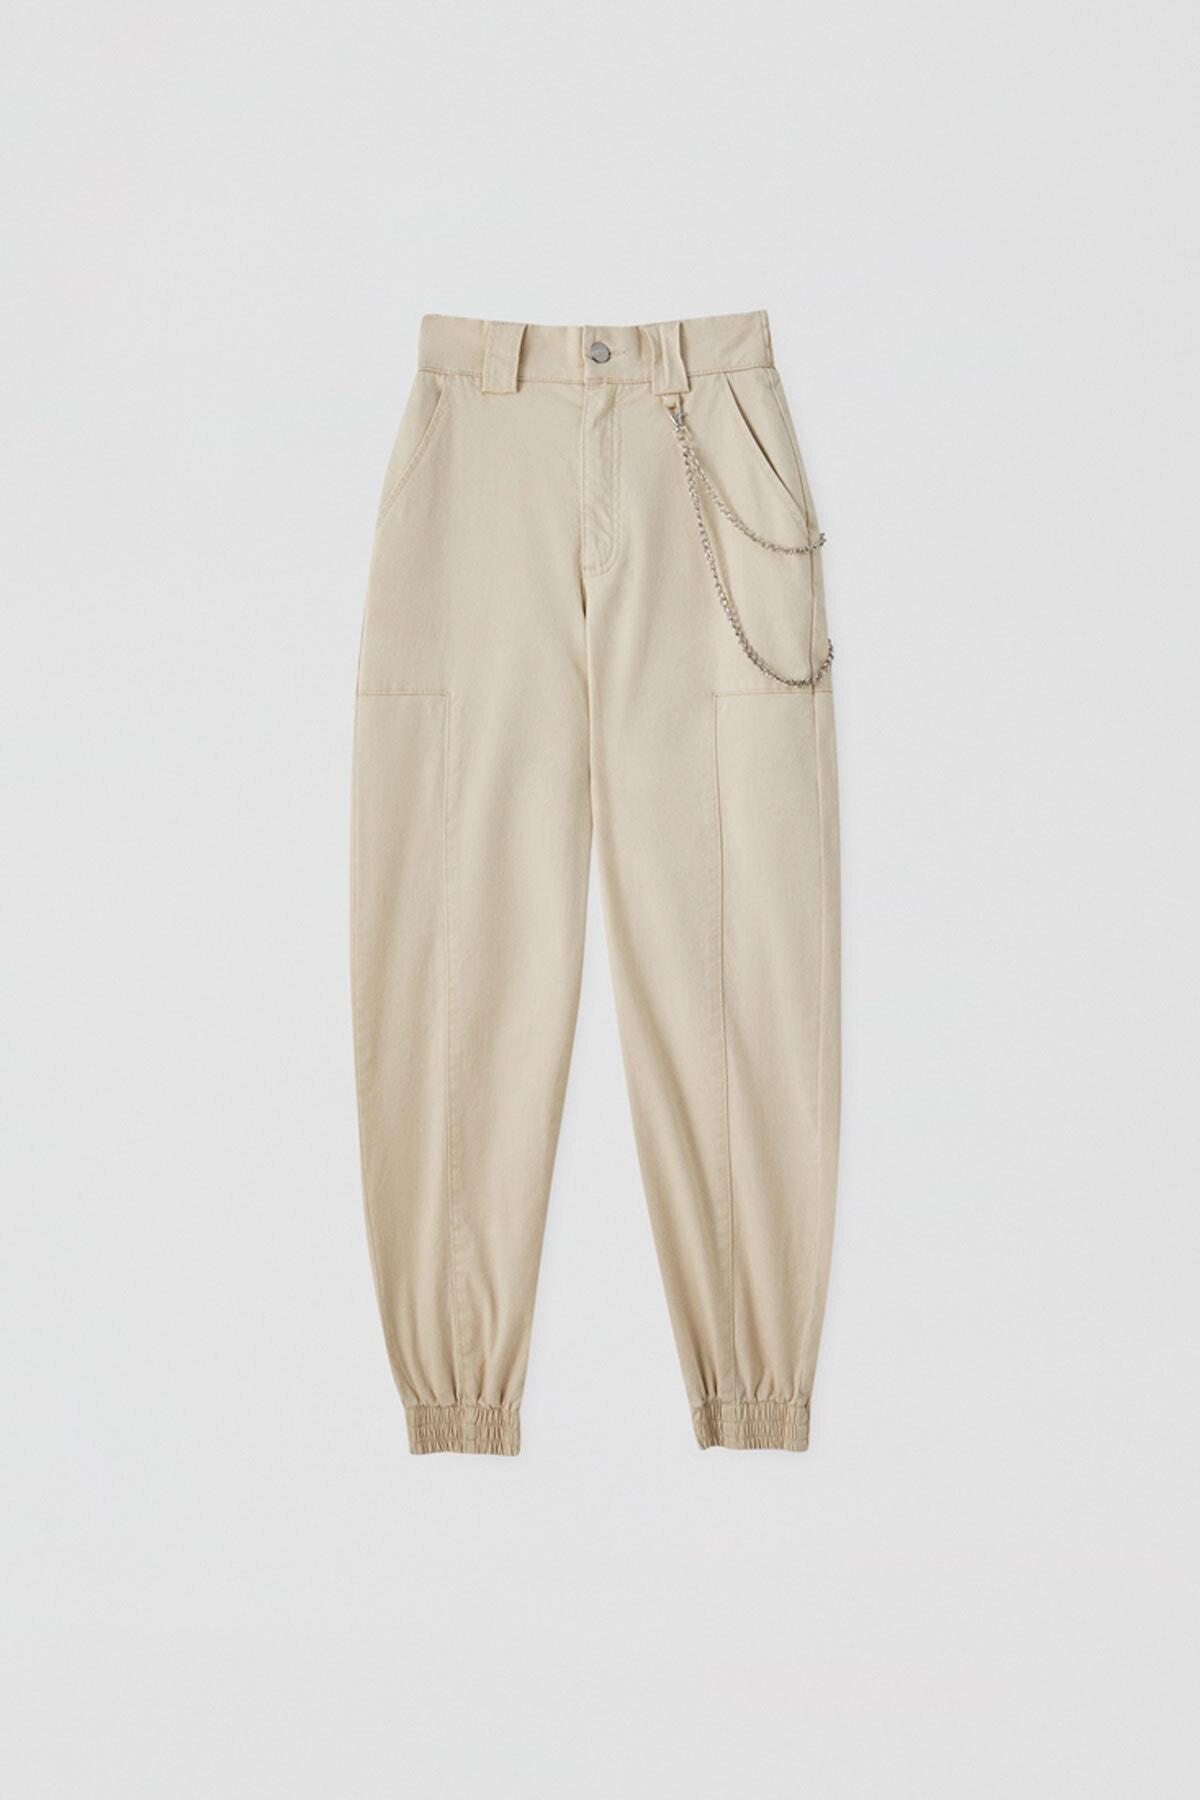 Pull & Bear Kadın Zincirli Kargo Pantolon 05671301 1